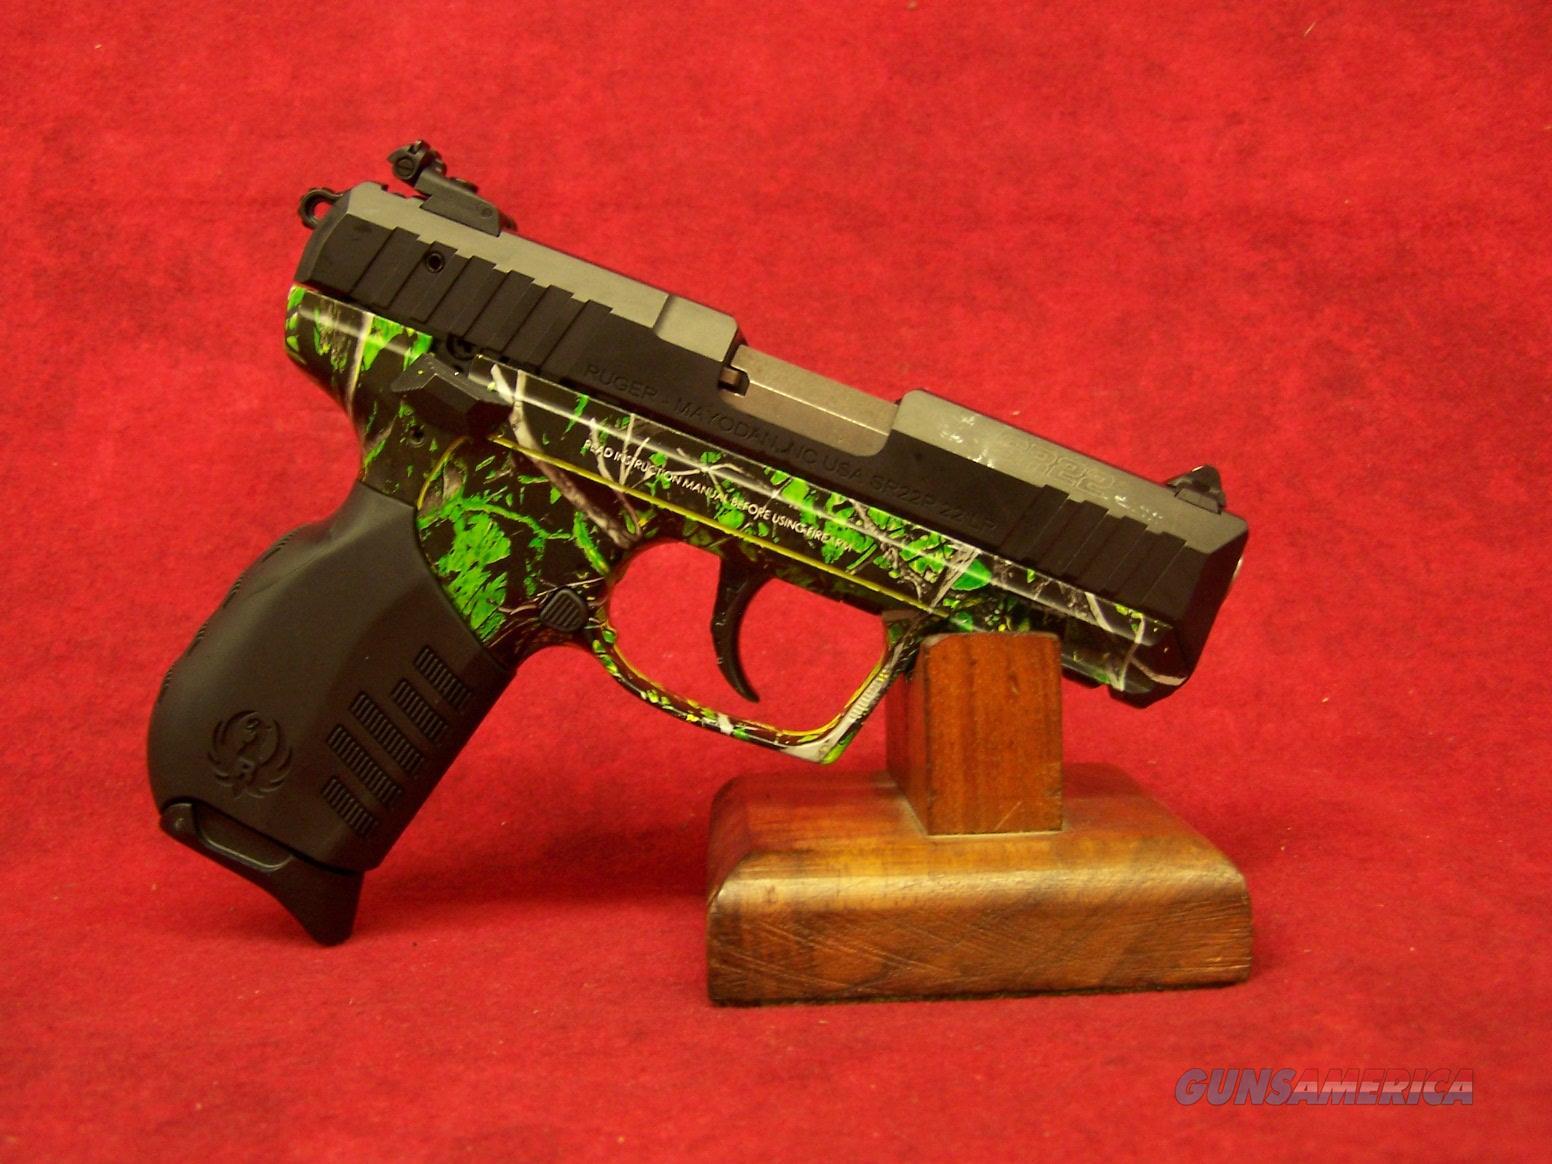 """RUGER SR22 .22LR 3.5"""" BARREL MOONSHINE CAMO TOXIC GREEN (03633)  Guns > Pistols > Ruger Semi-Auto Pistols > SR Family > SR22"""